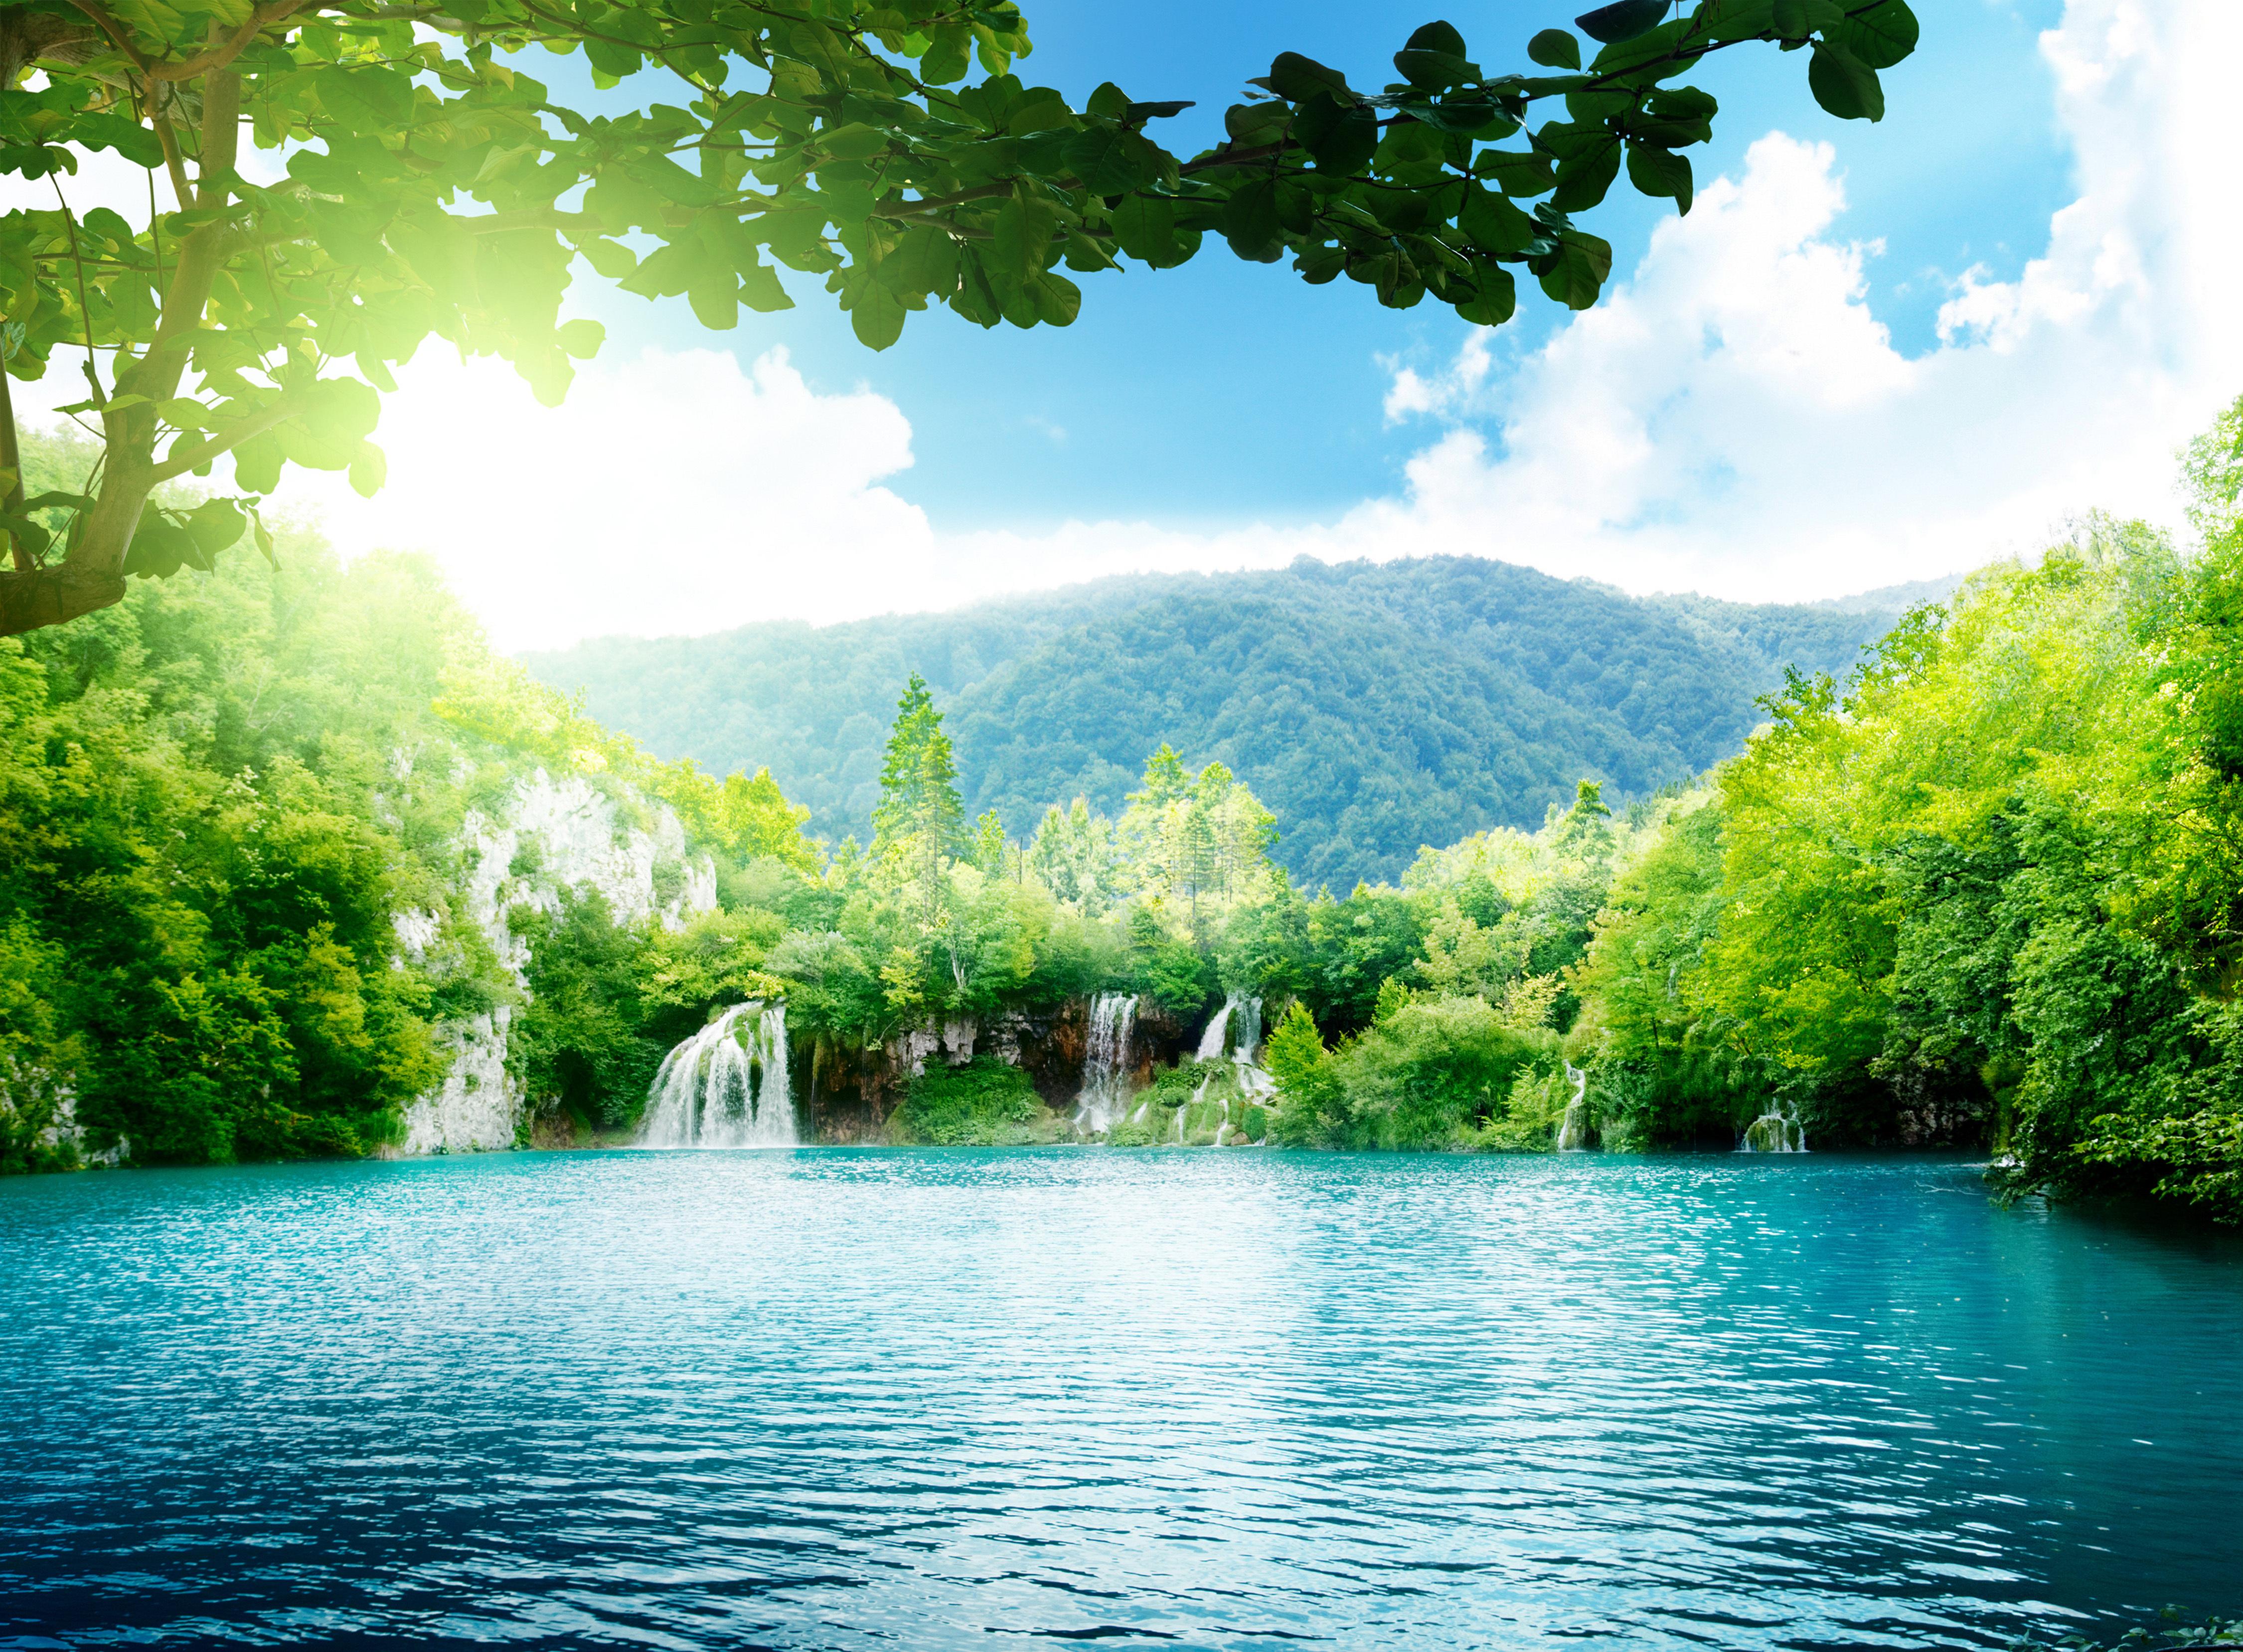 водопад деревья озеро  № 3898737  скачать